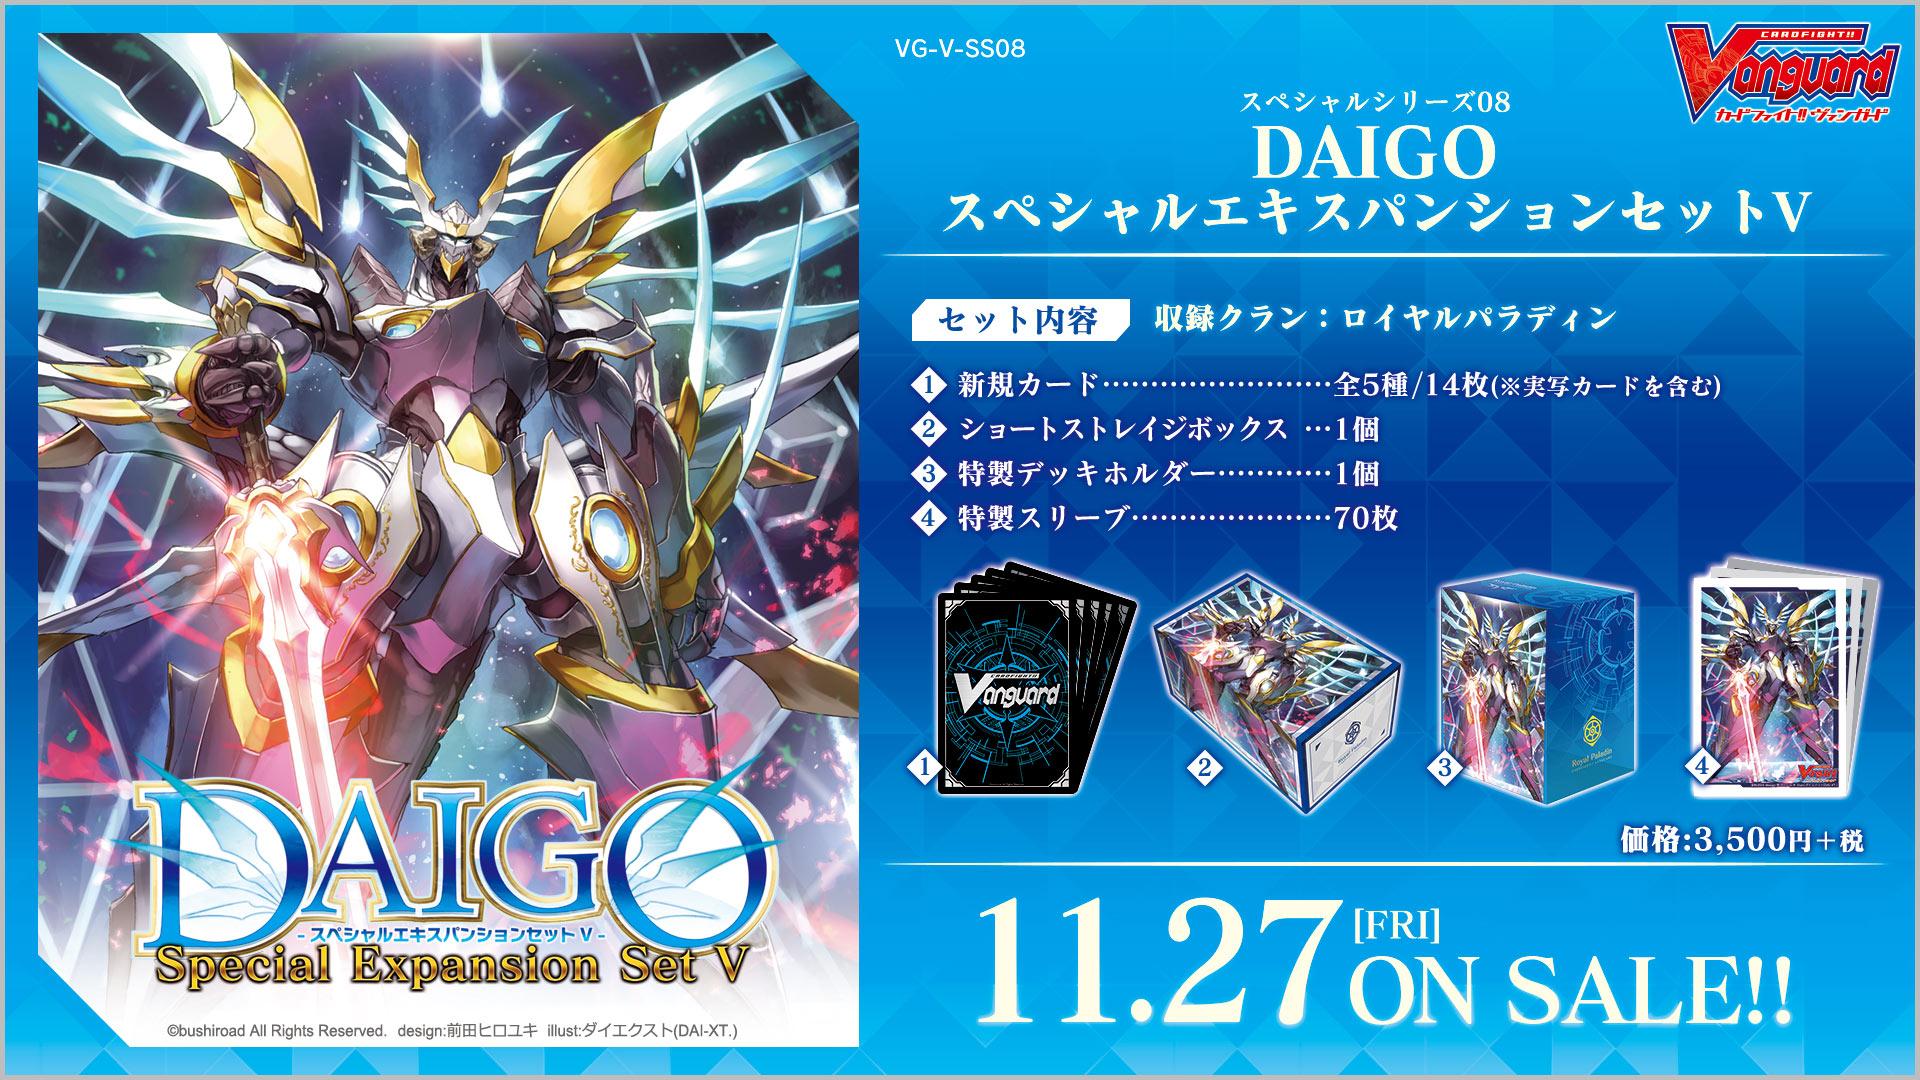 【V-SS08】「DAIGO スペシャルエキスパンションセットV」